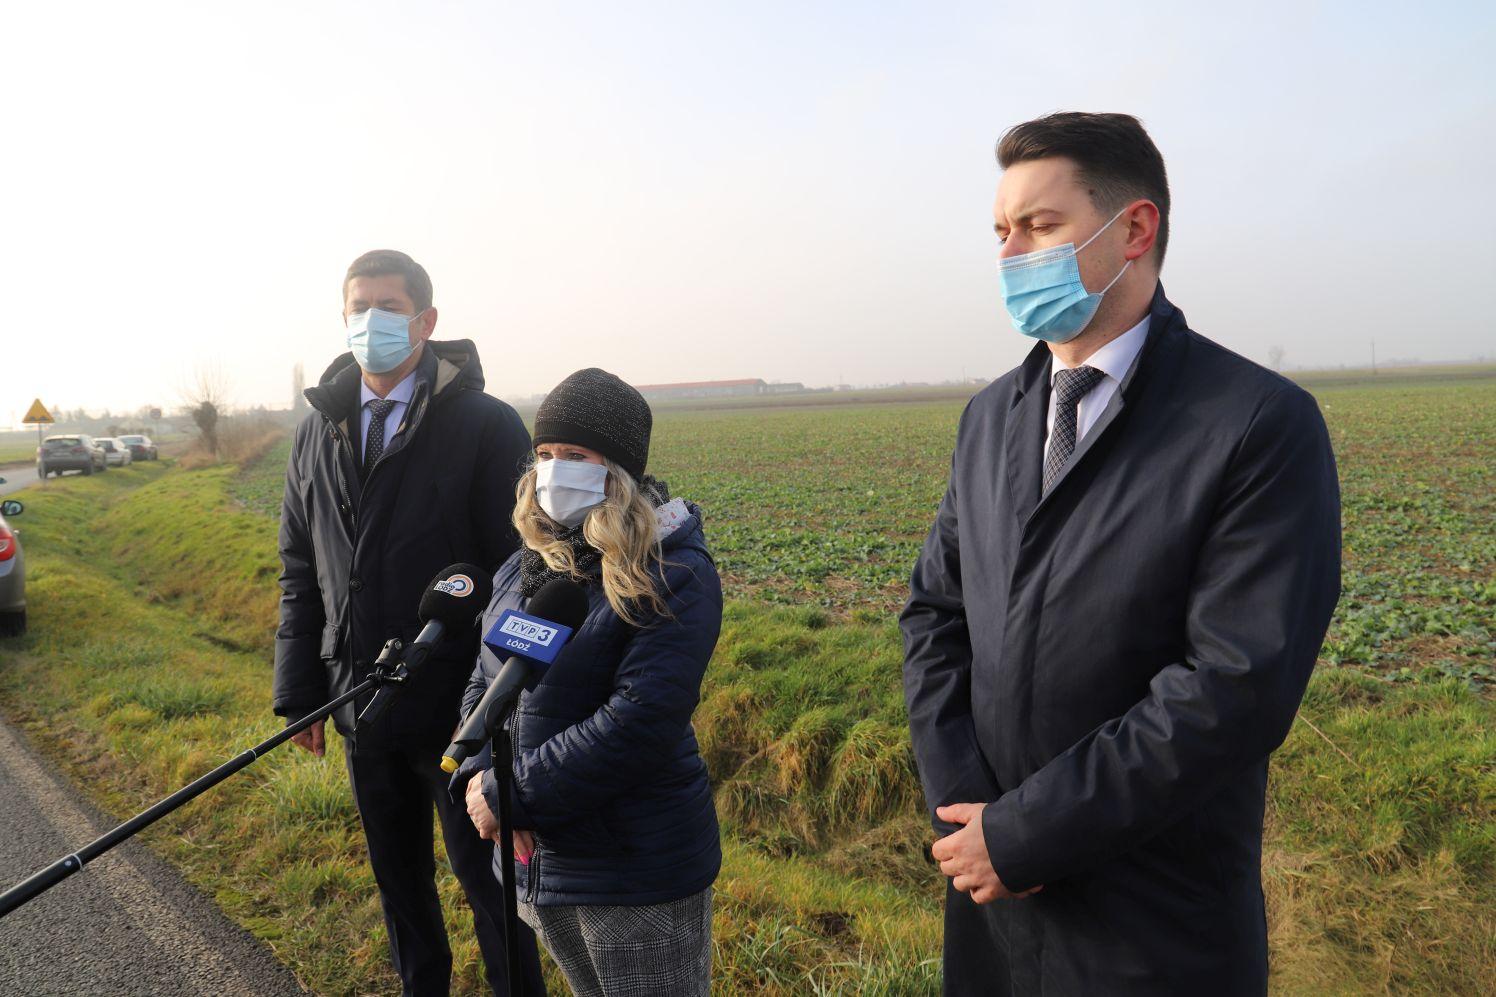 Jest zielone światło. W powiecie kutnowskim wkrótce ruszy budowa warta 65 milionów złotych [ZDJĘCIA] - Zdjęcie główne